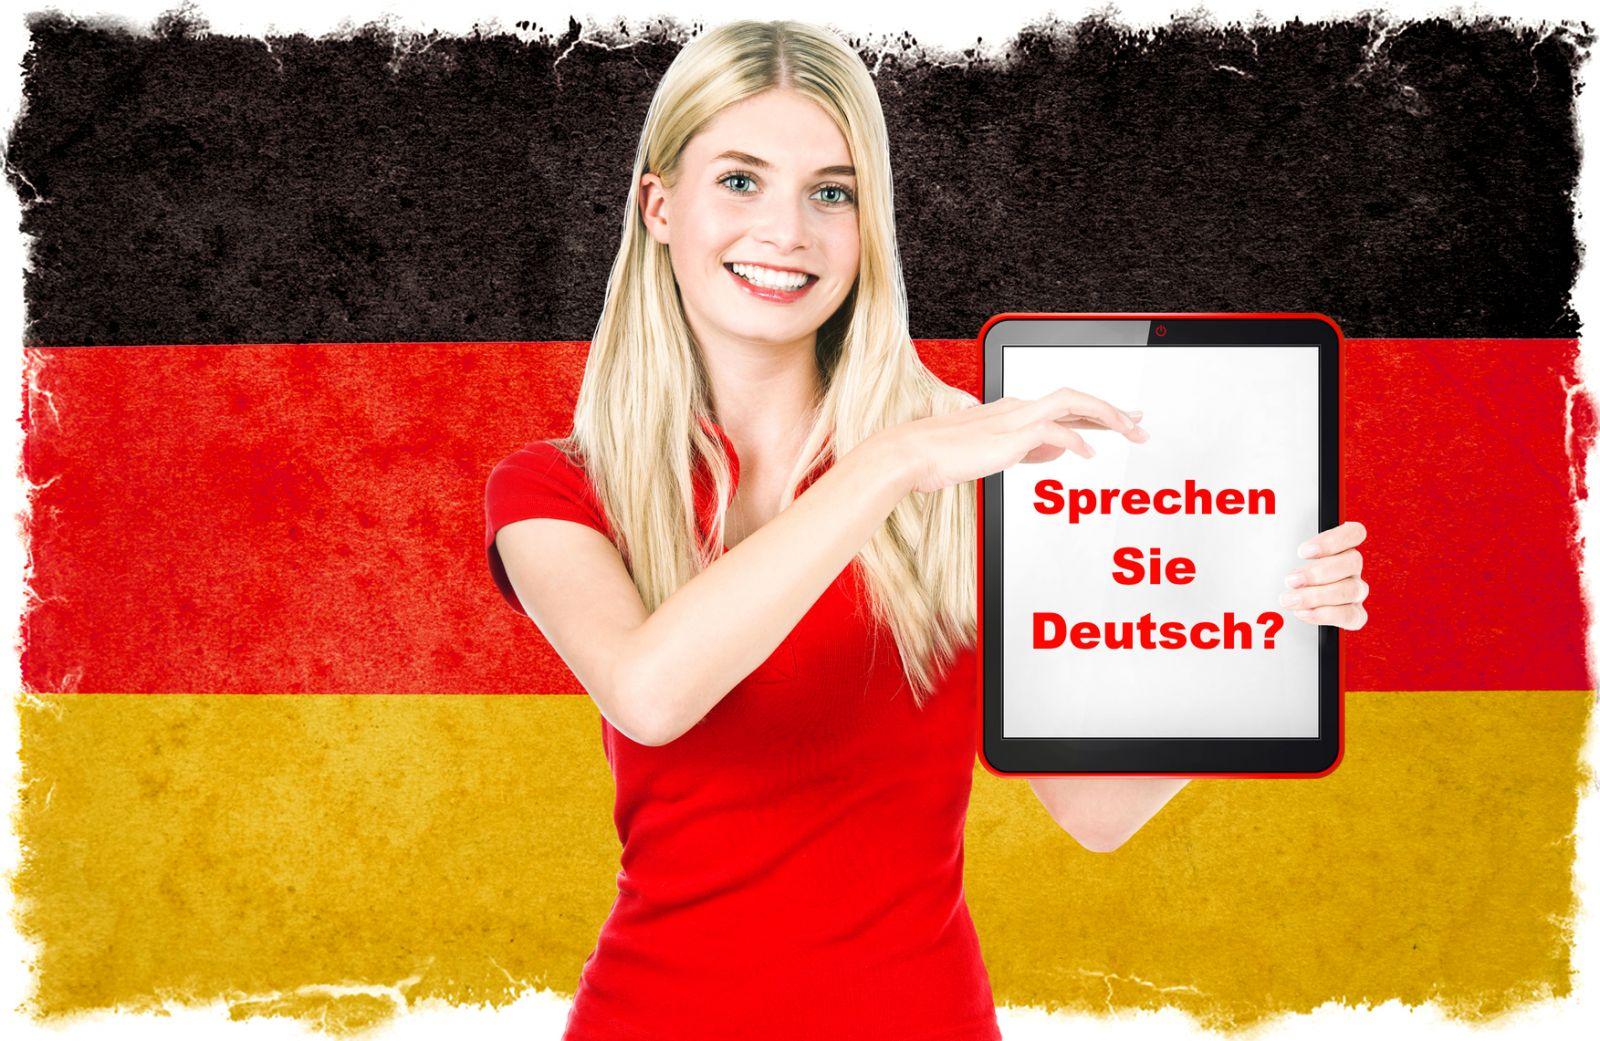 Как изучение иностранного языка влияет на наши мысли - фото №2